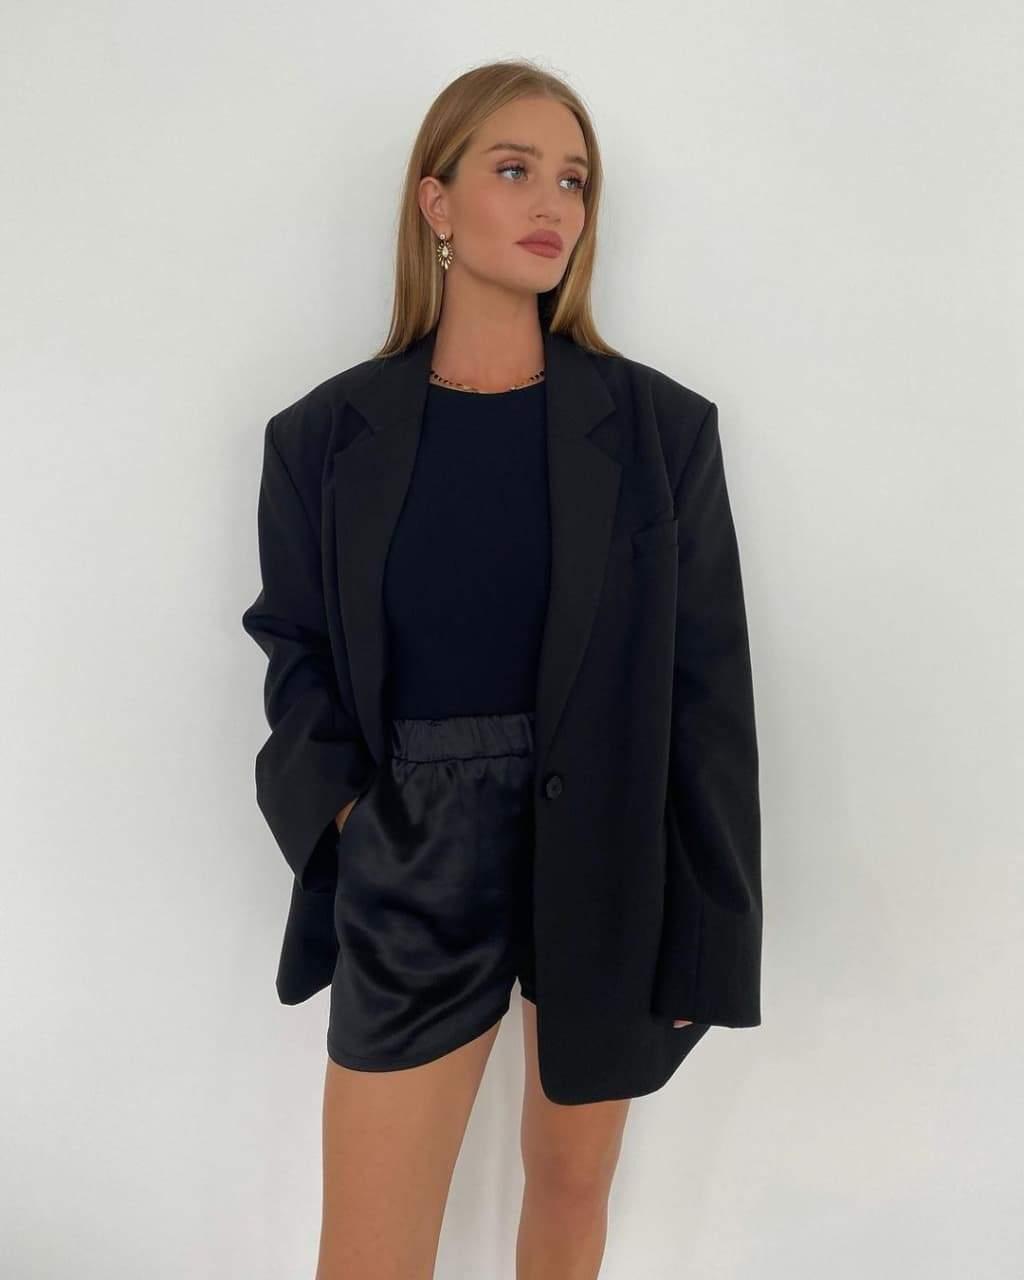 Ефектний образ Розі Гантінгтон-Вайтлі / Фото з інстаграму супермоделі